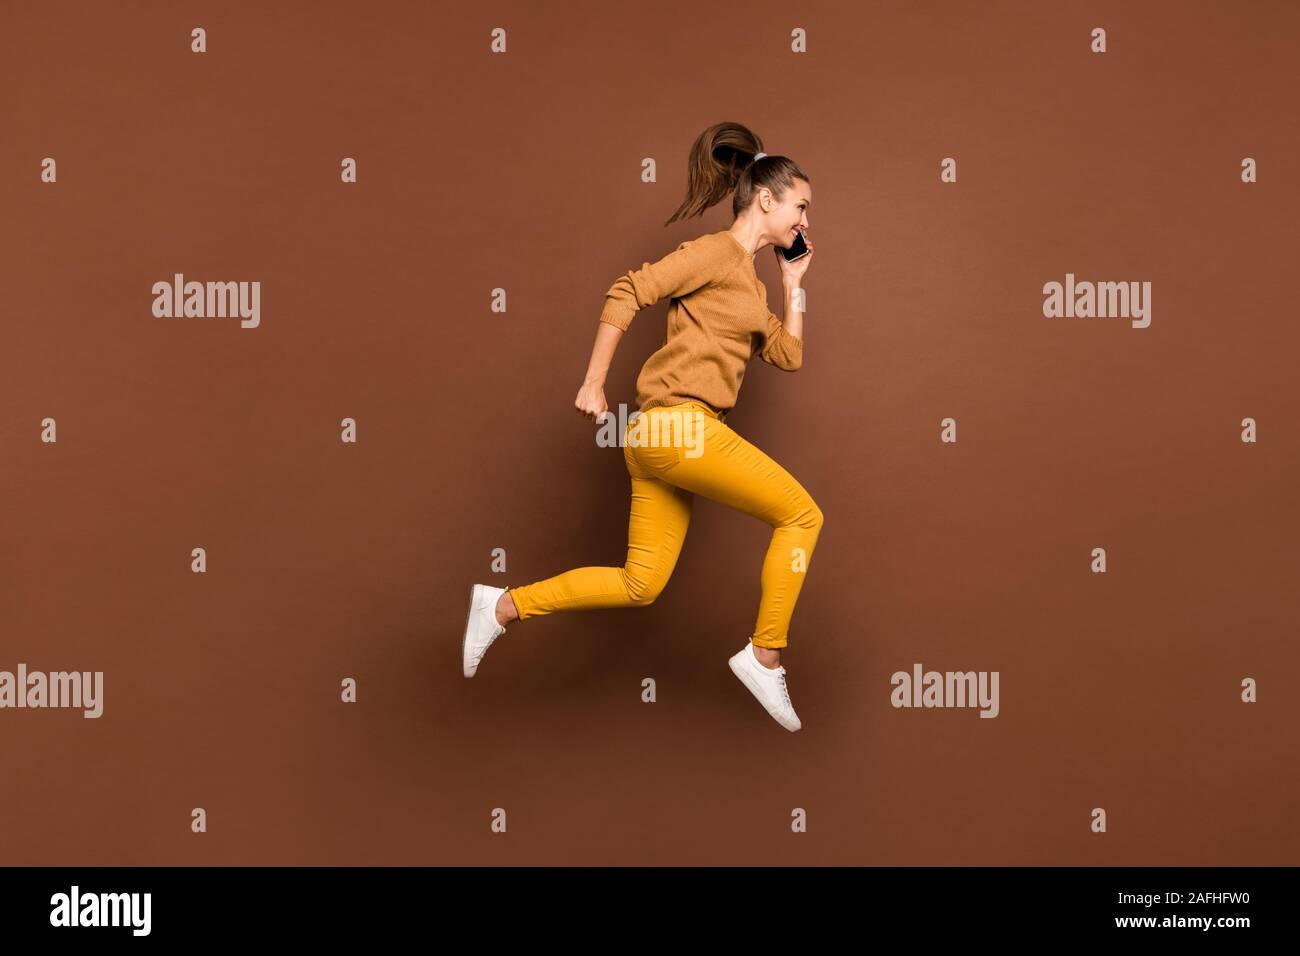 Volle Länge Körpergröße Seite Profil Foto von jungen Mädchen sprechen von ihrem Telefon in Richtung heruntergesetzte Shopping Mall laufen tragen Hosen Hosen isoliert Stockfoto